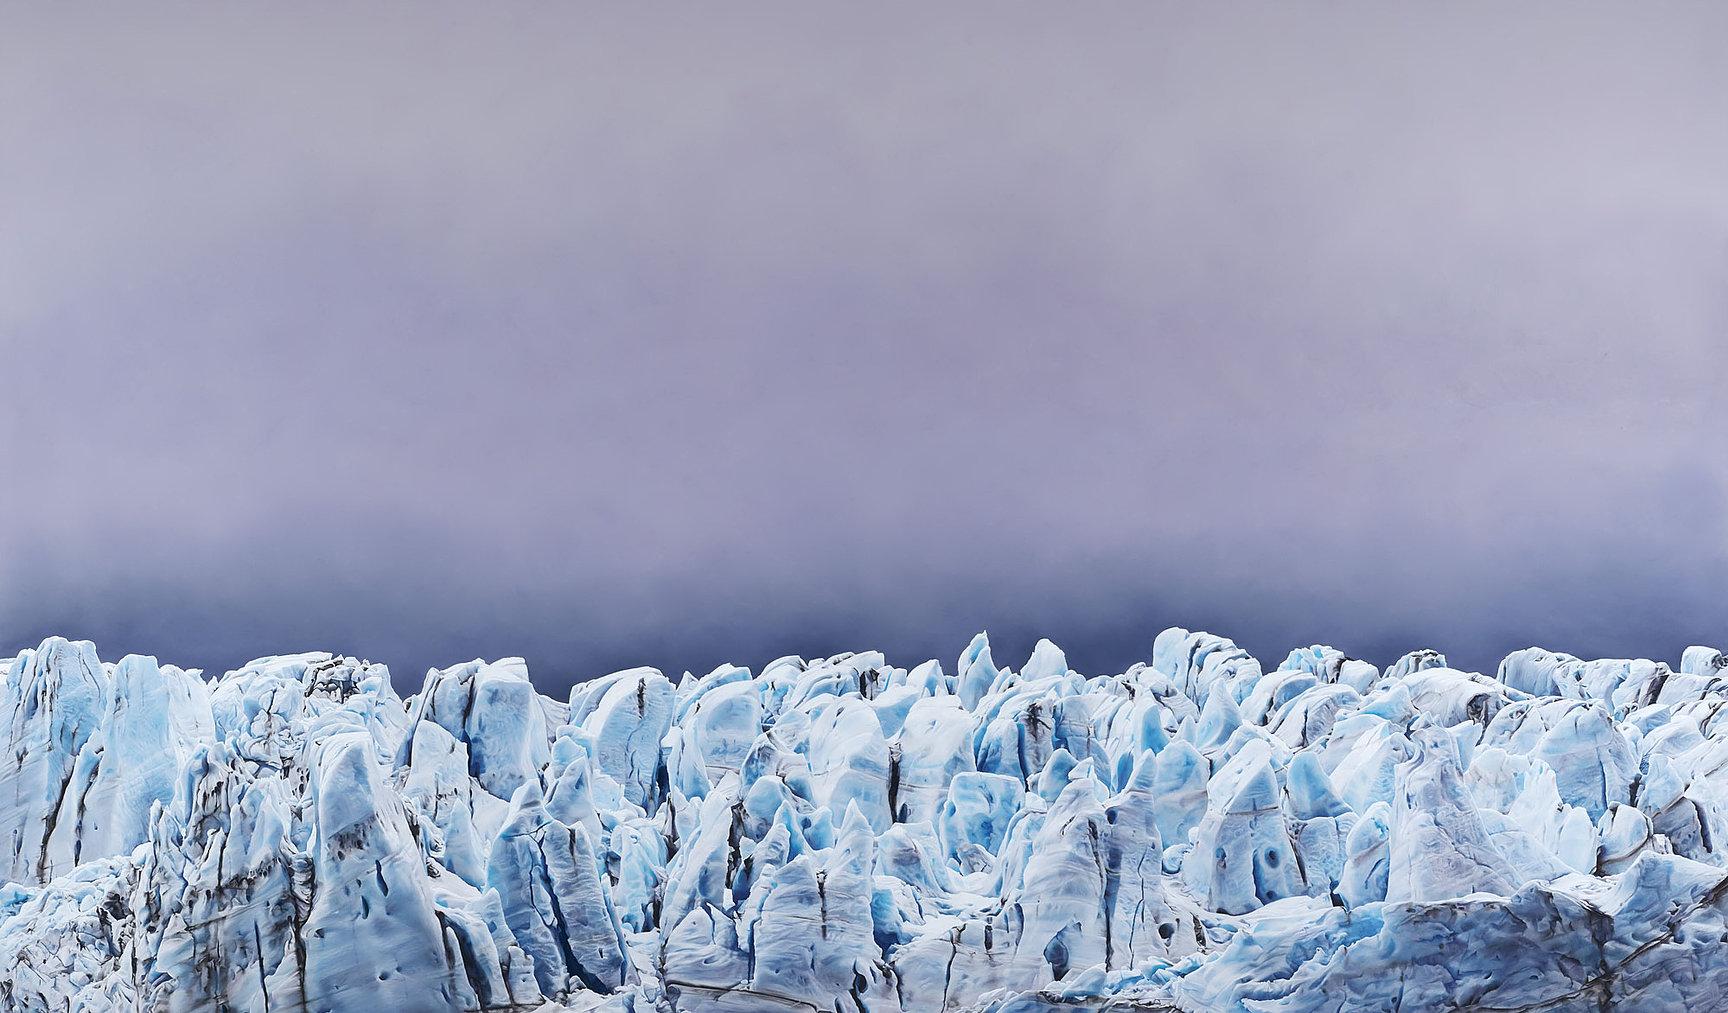 Artisti mobilitati per il clima: i disegni iperrealisti di Zaria Forman